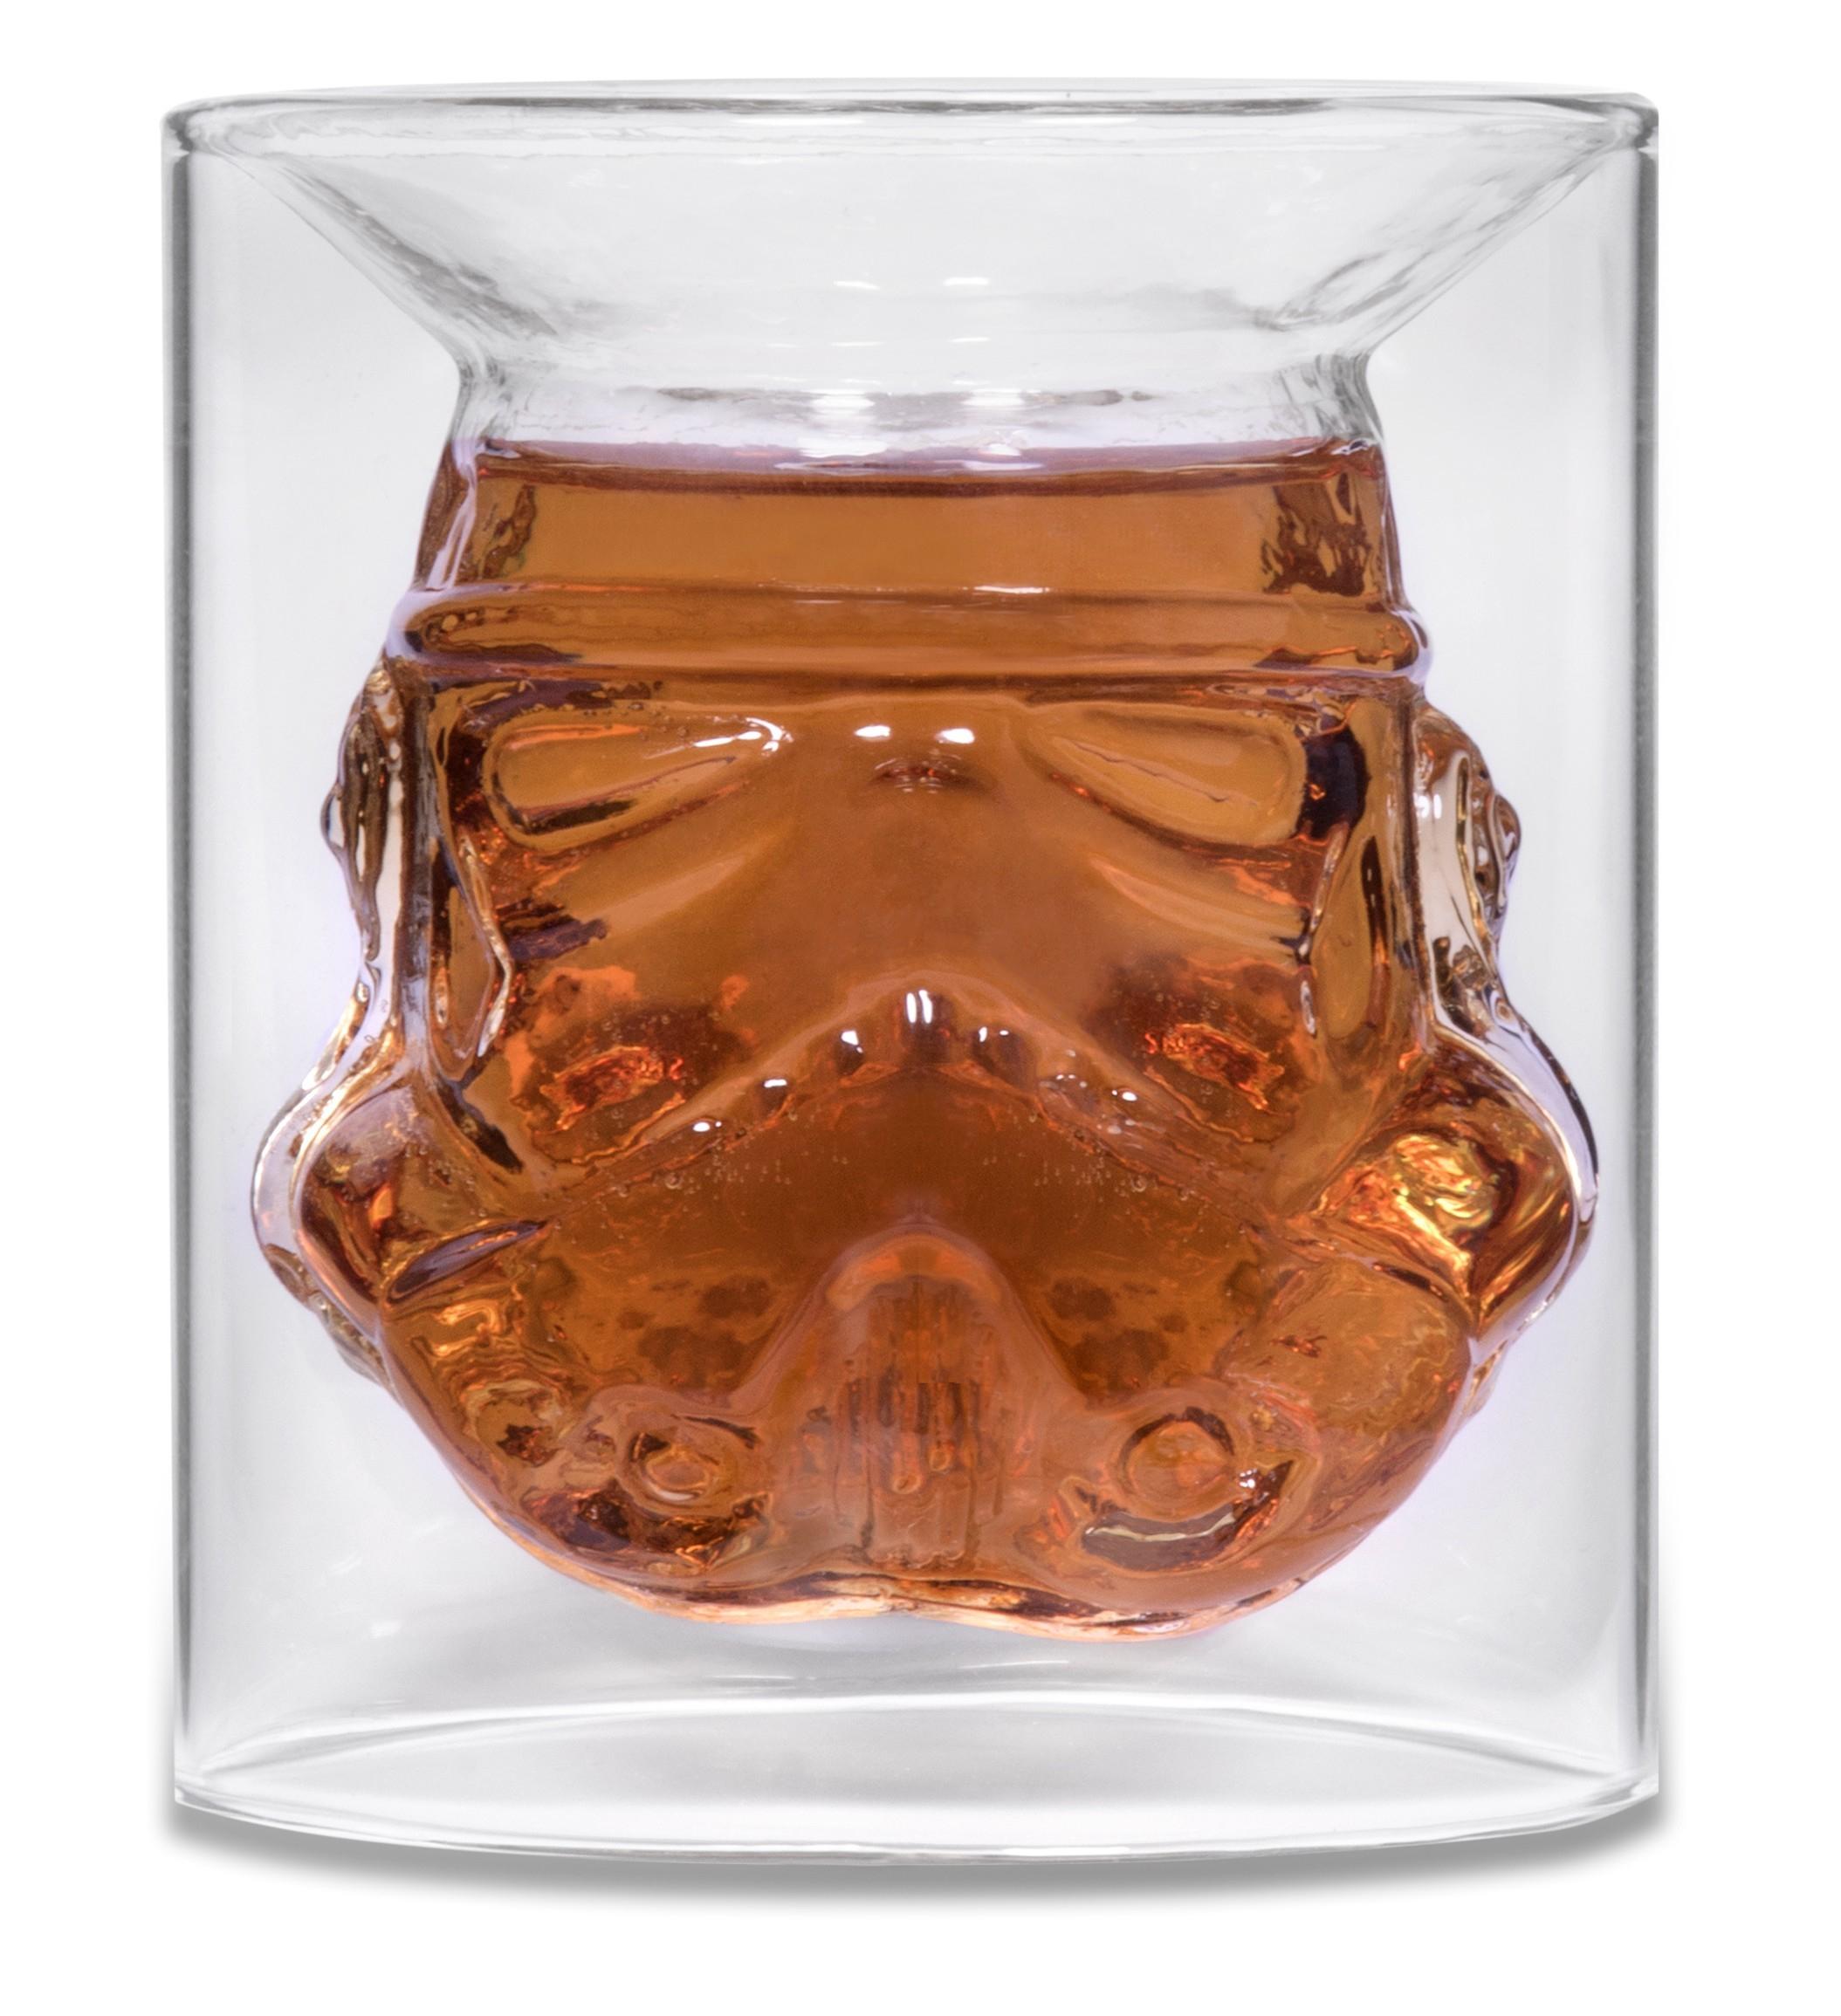 Thumbs Up STMTRPGLS - Transparent - Glas - 1 Stück(e) - 150 ml - 48 Stück(e) - 12,3 kg